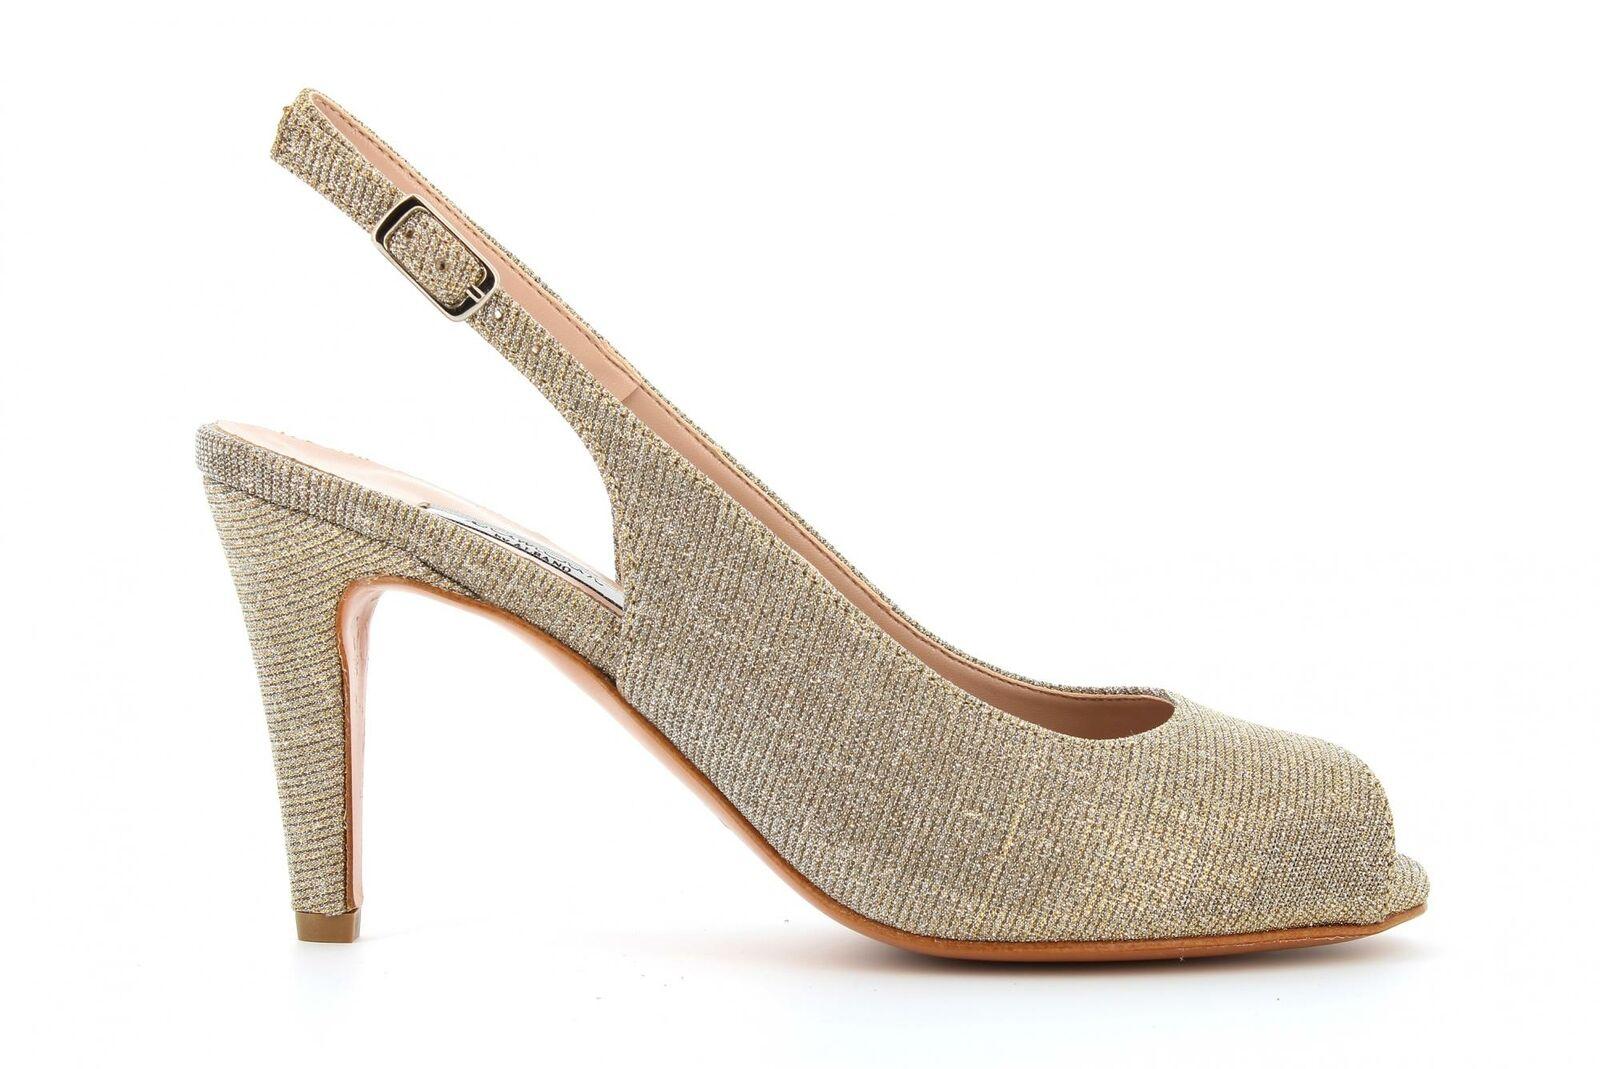 L'AMour L'AMour L'AMour P19u skor kvinna sandal 930 ÄR KANGIANTE  fantastiska färgvägar